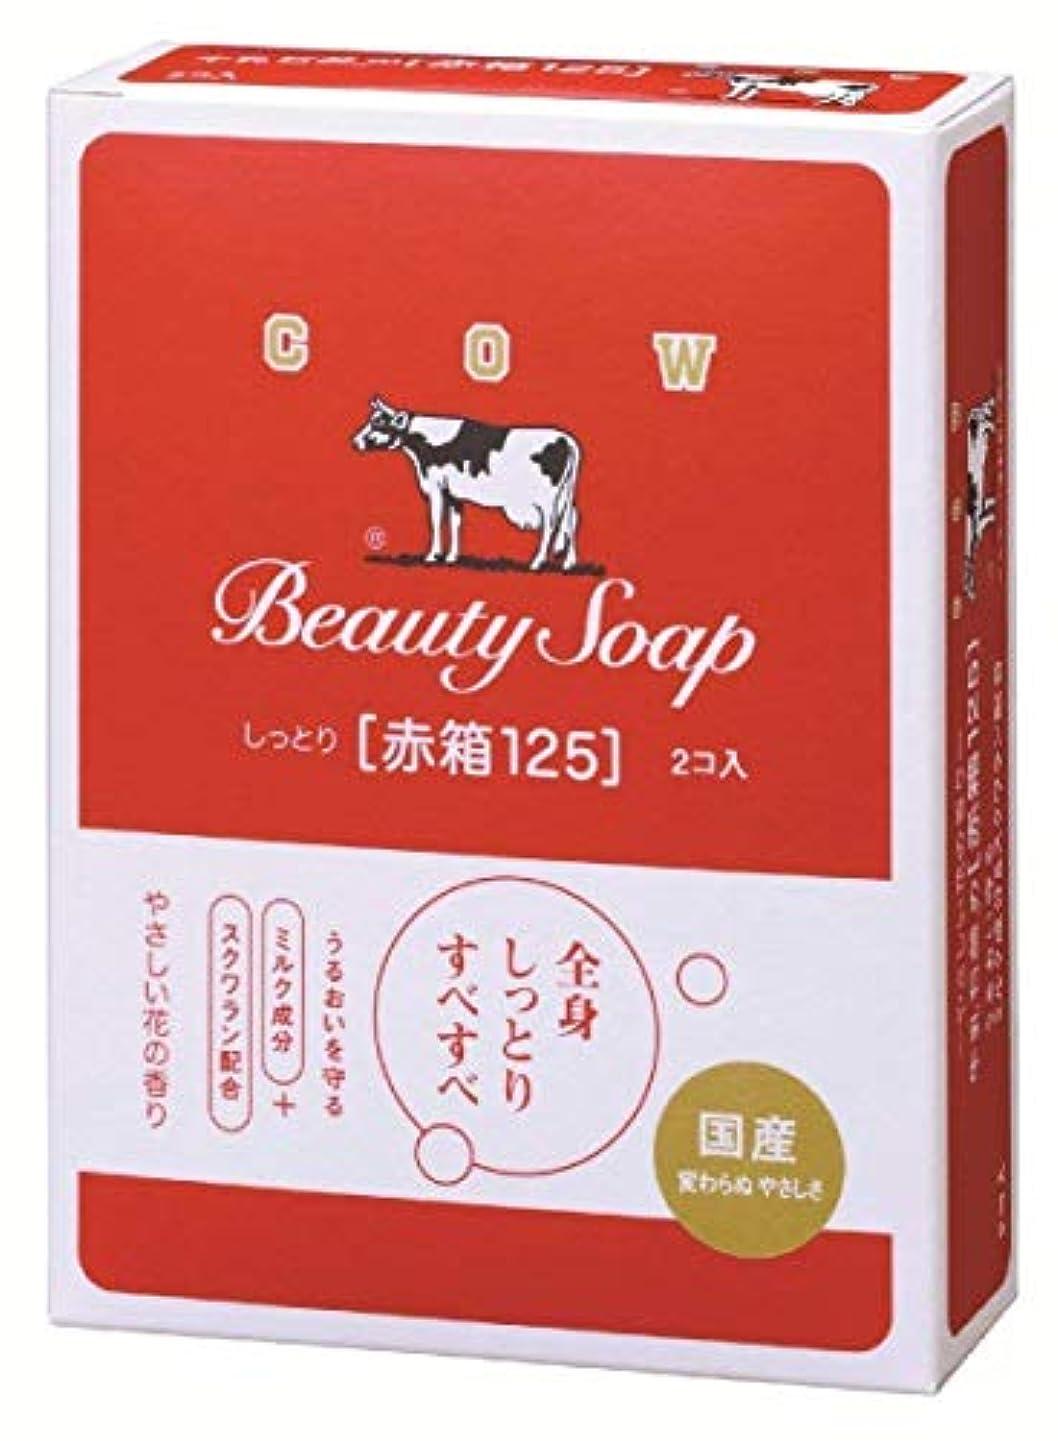 工業用ピアノ霜牛乳石鹸共進社 カウブランド 赤箱 125g×2コ入り×3個